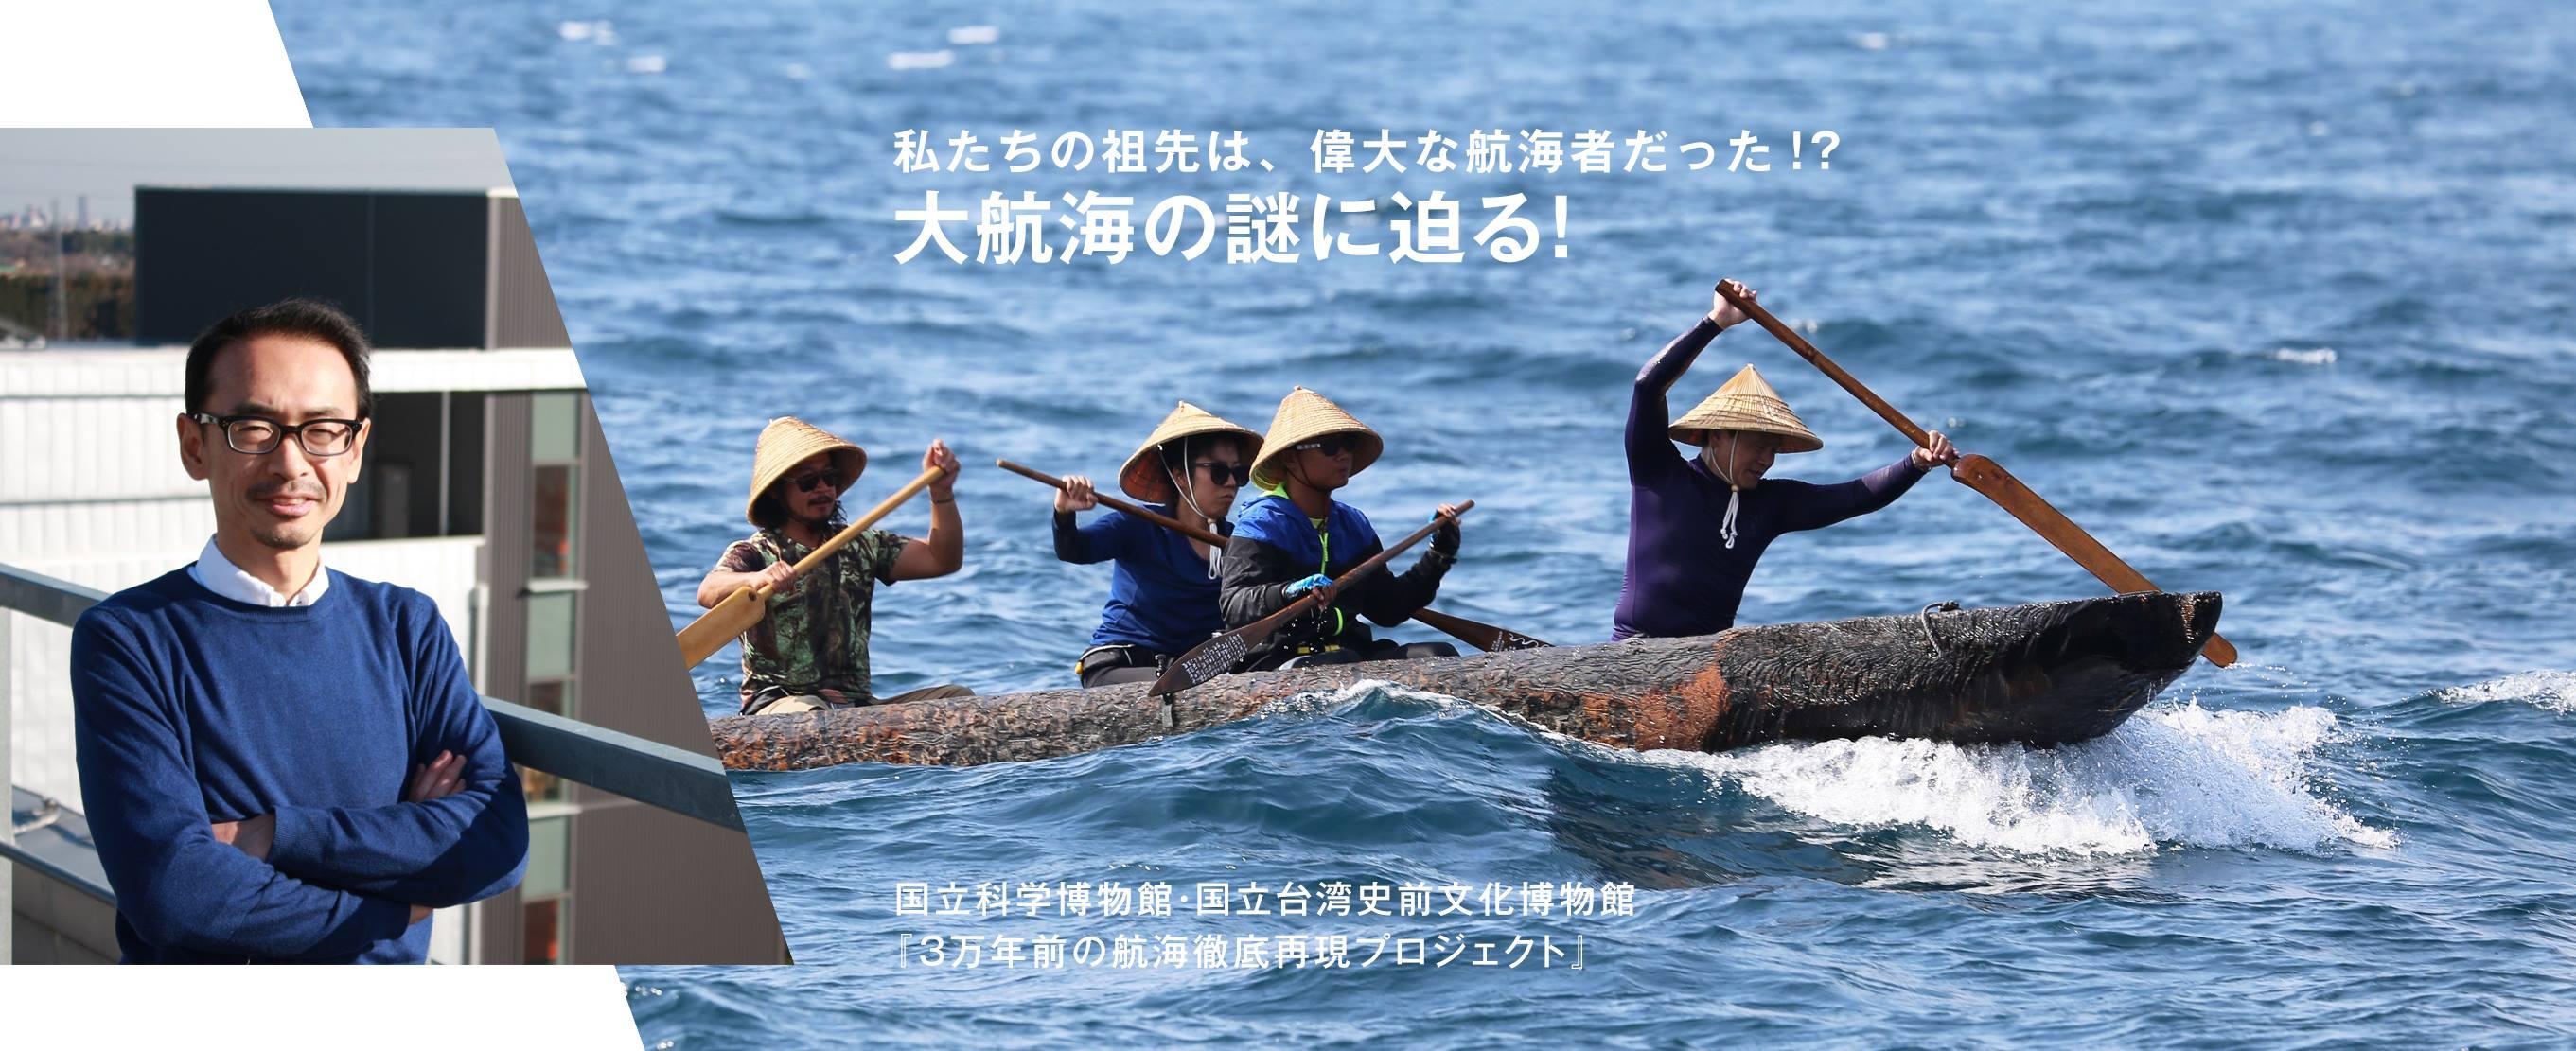 私たちの祖先は、偉大な航海者だった!?大航海の謎に迫る!国立科学博物館・国立台湾史前文化博物館『3万